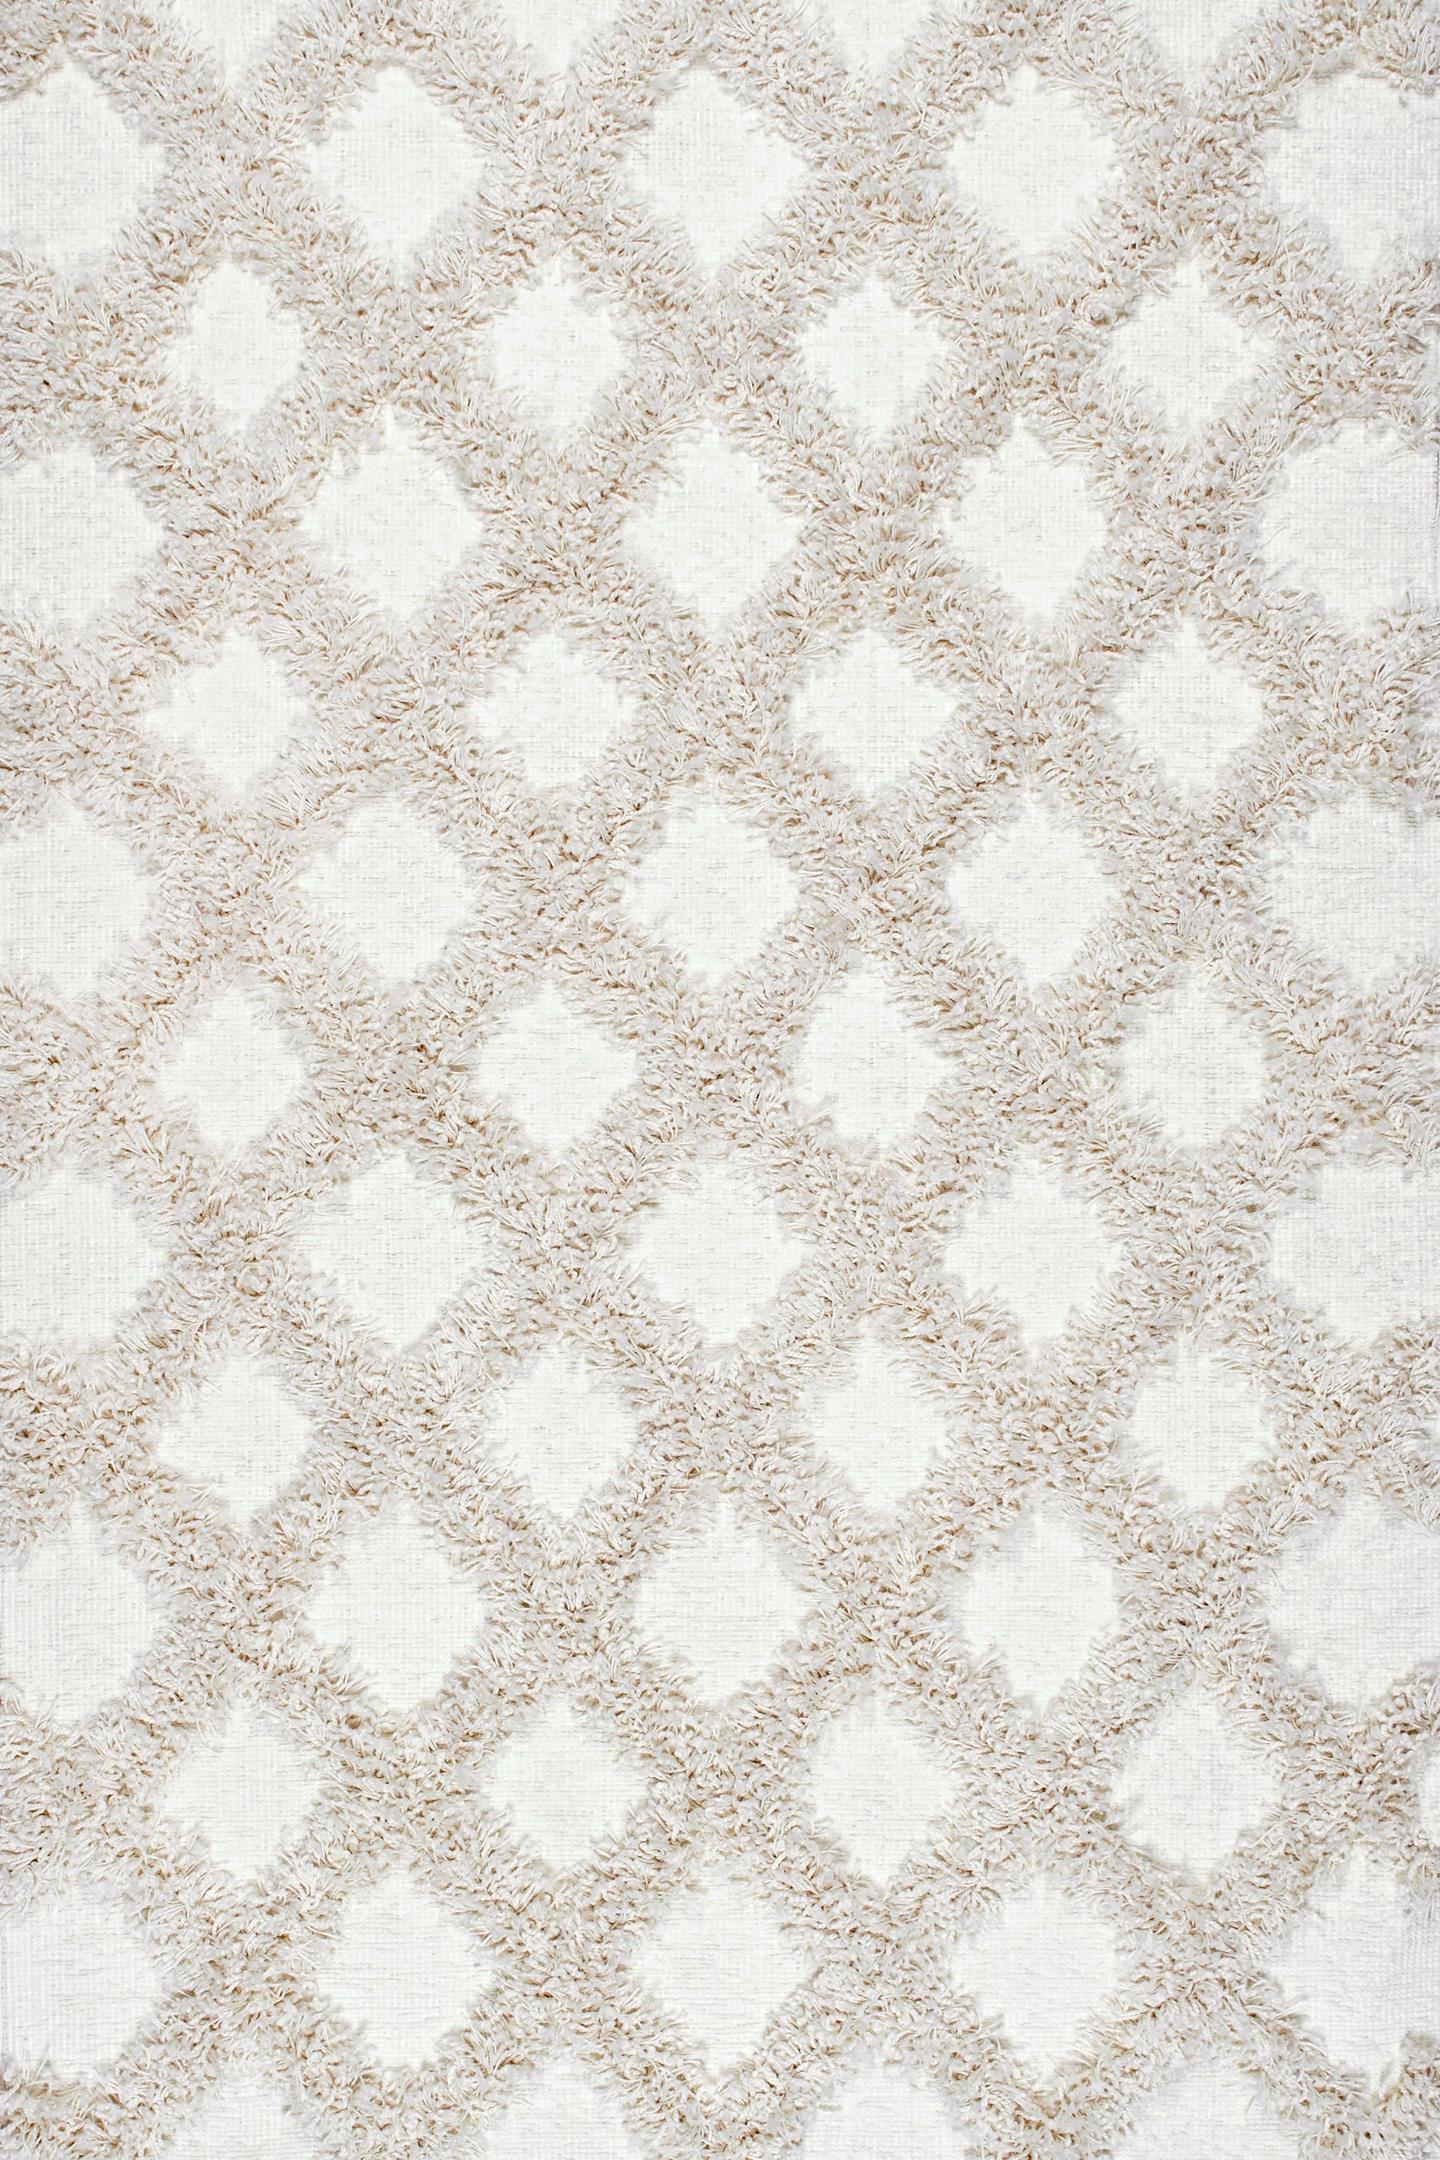 Francene Diamond Trellis Shaggy Area Rug